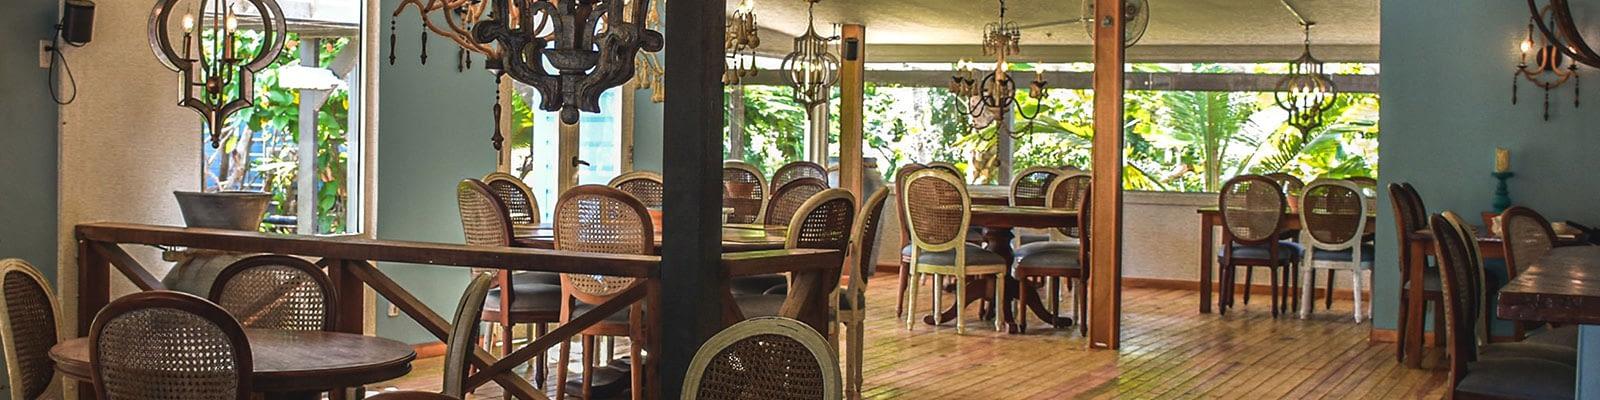 restaurant-bistro-sorobon-slider-3